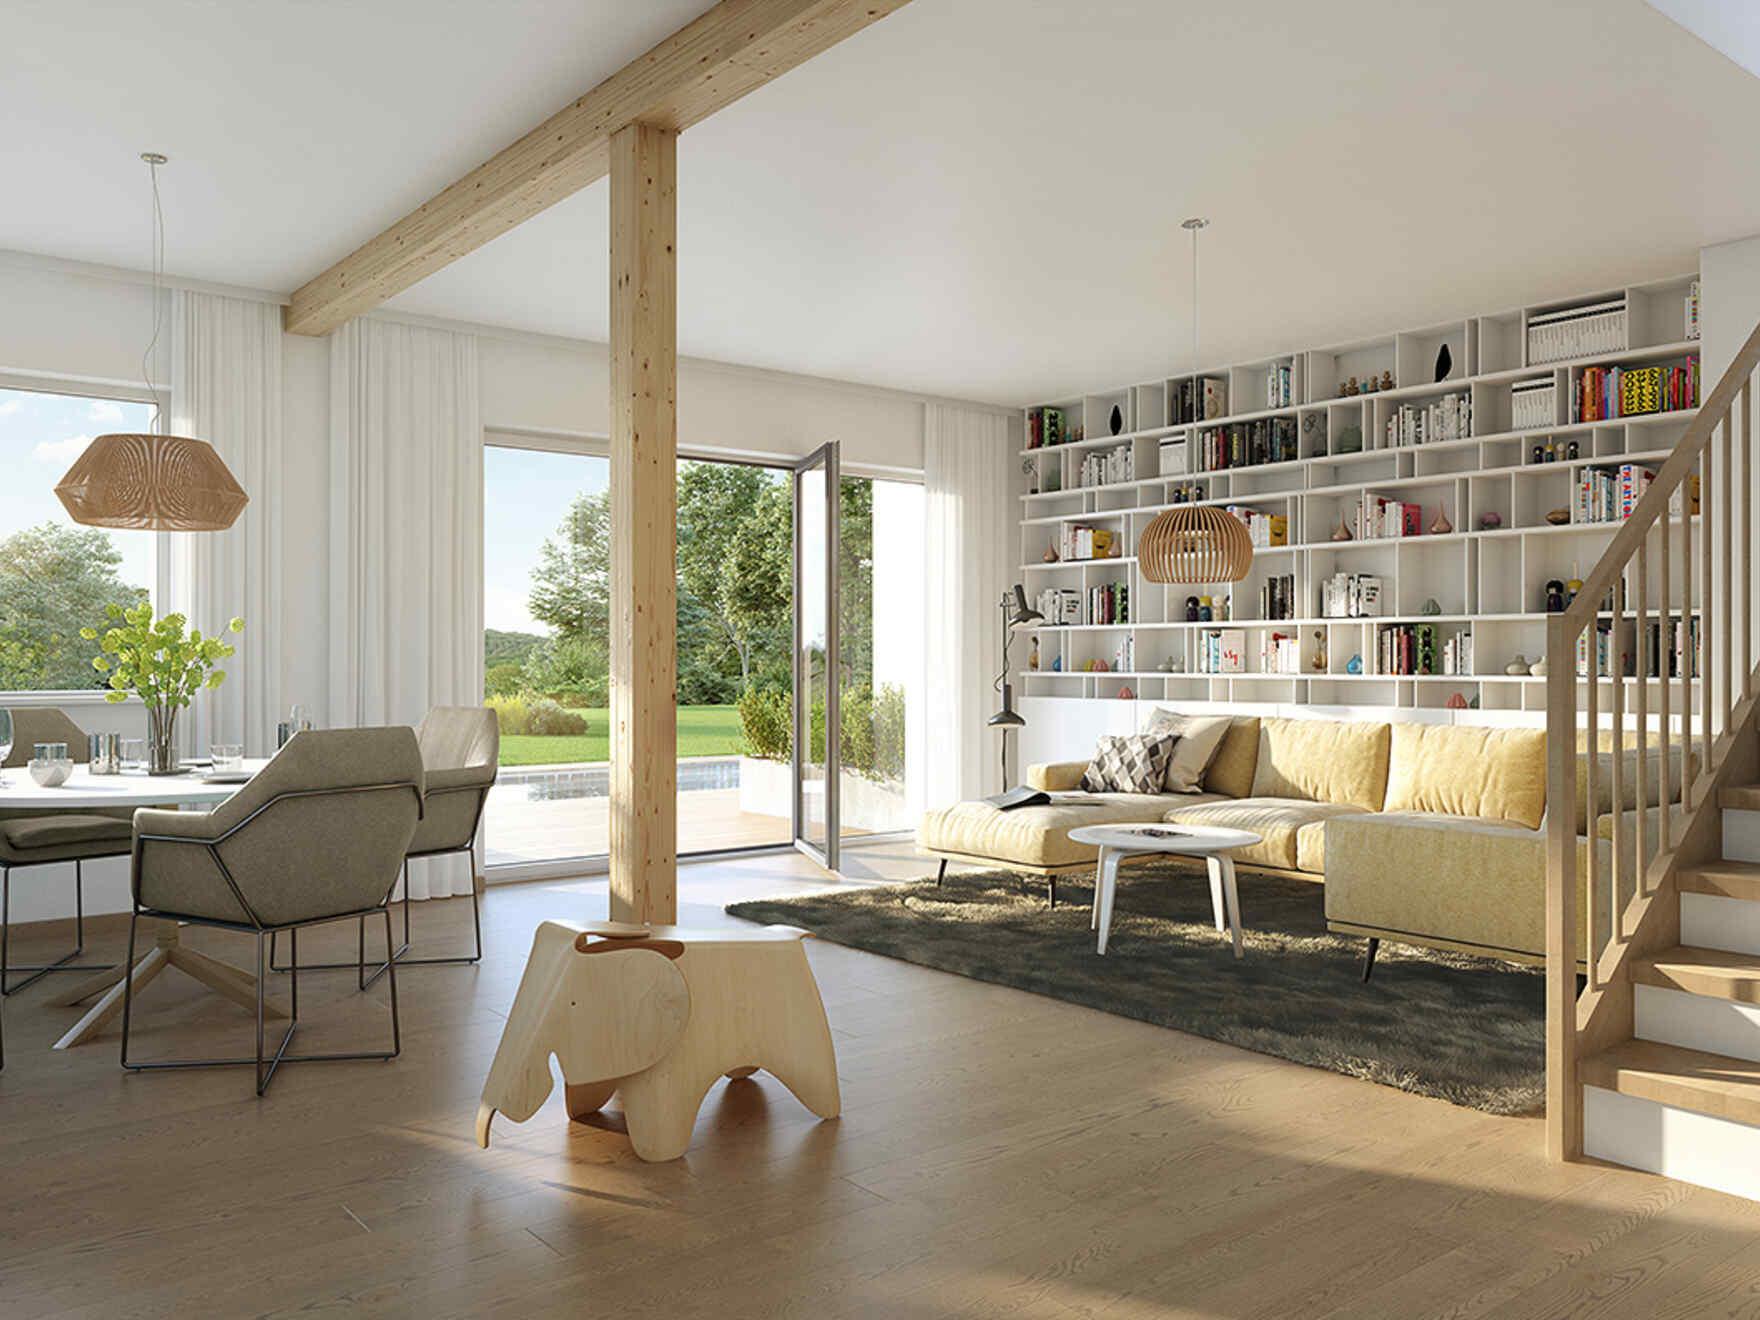 VARIO-HAUS Fertighaus Doppelhaus Duplex D113 XL | VARIO-HAUS ...